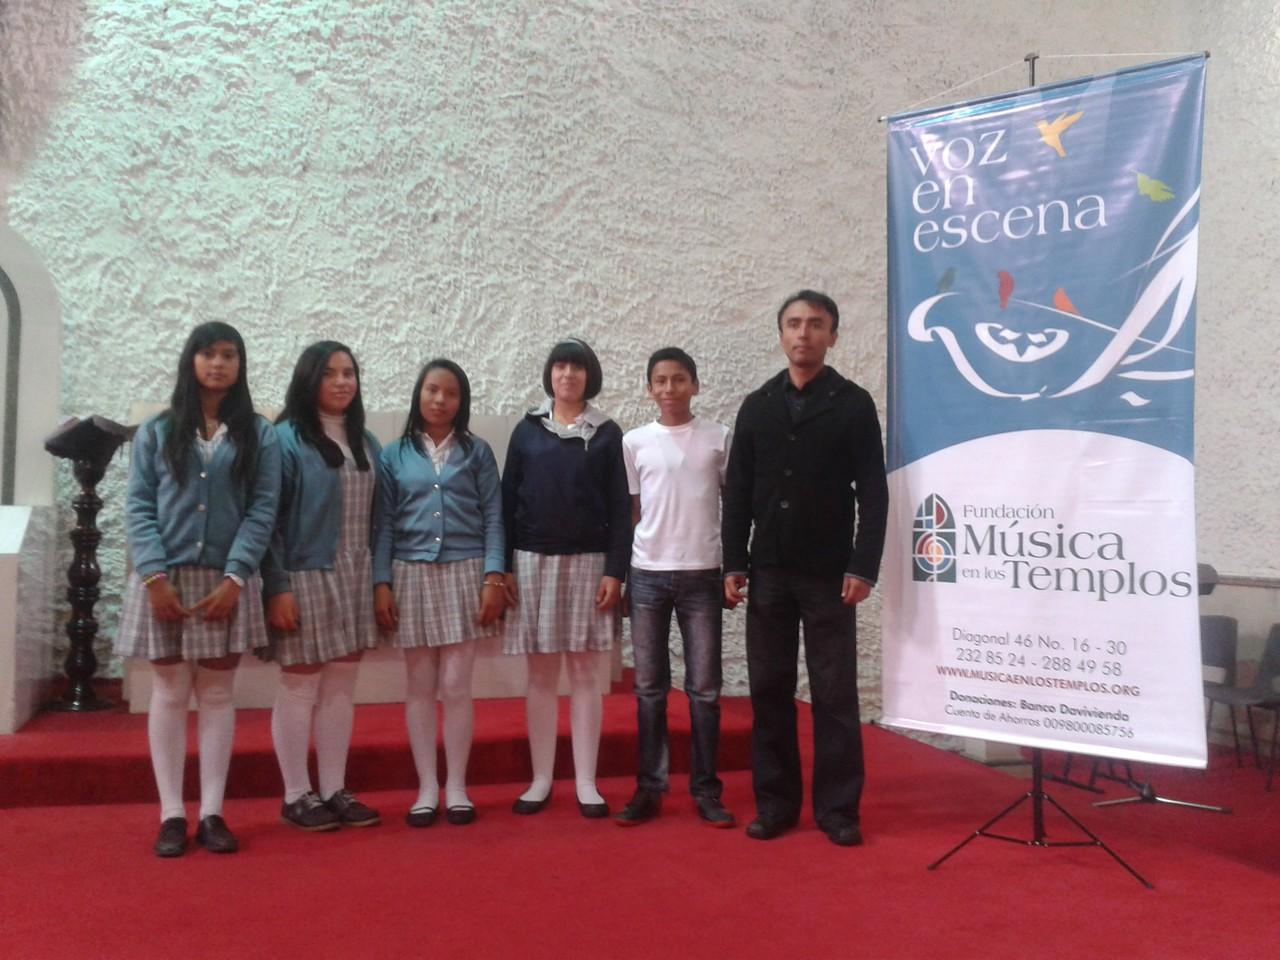 Presentación Festival de Coros 2013 organizado por la Fundación Música en los Templos en la Iglesia de Santa Helena. Barrio Eduardo Santos.